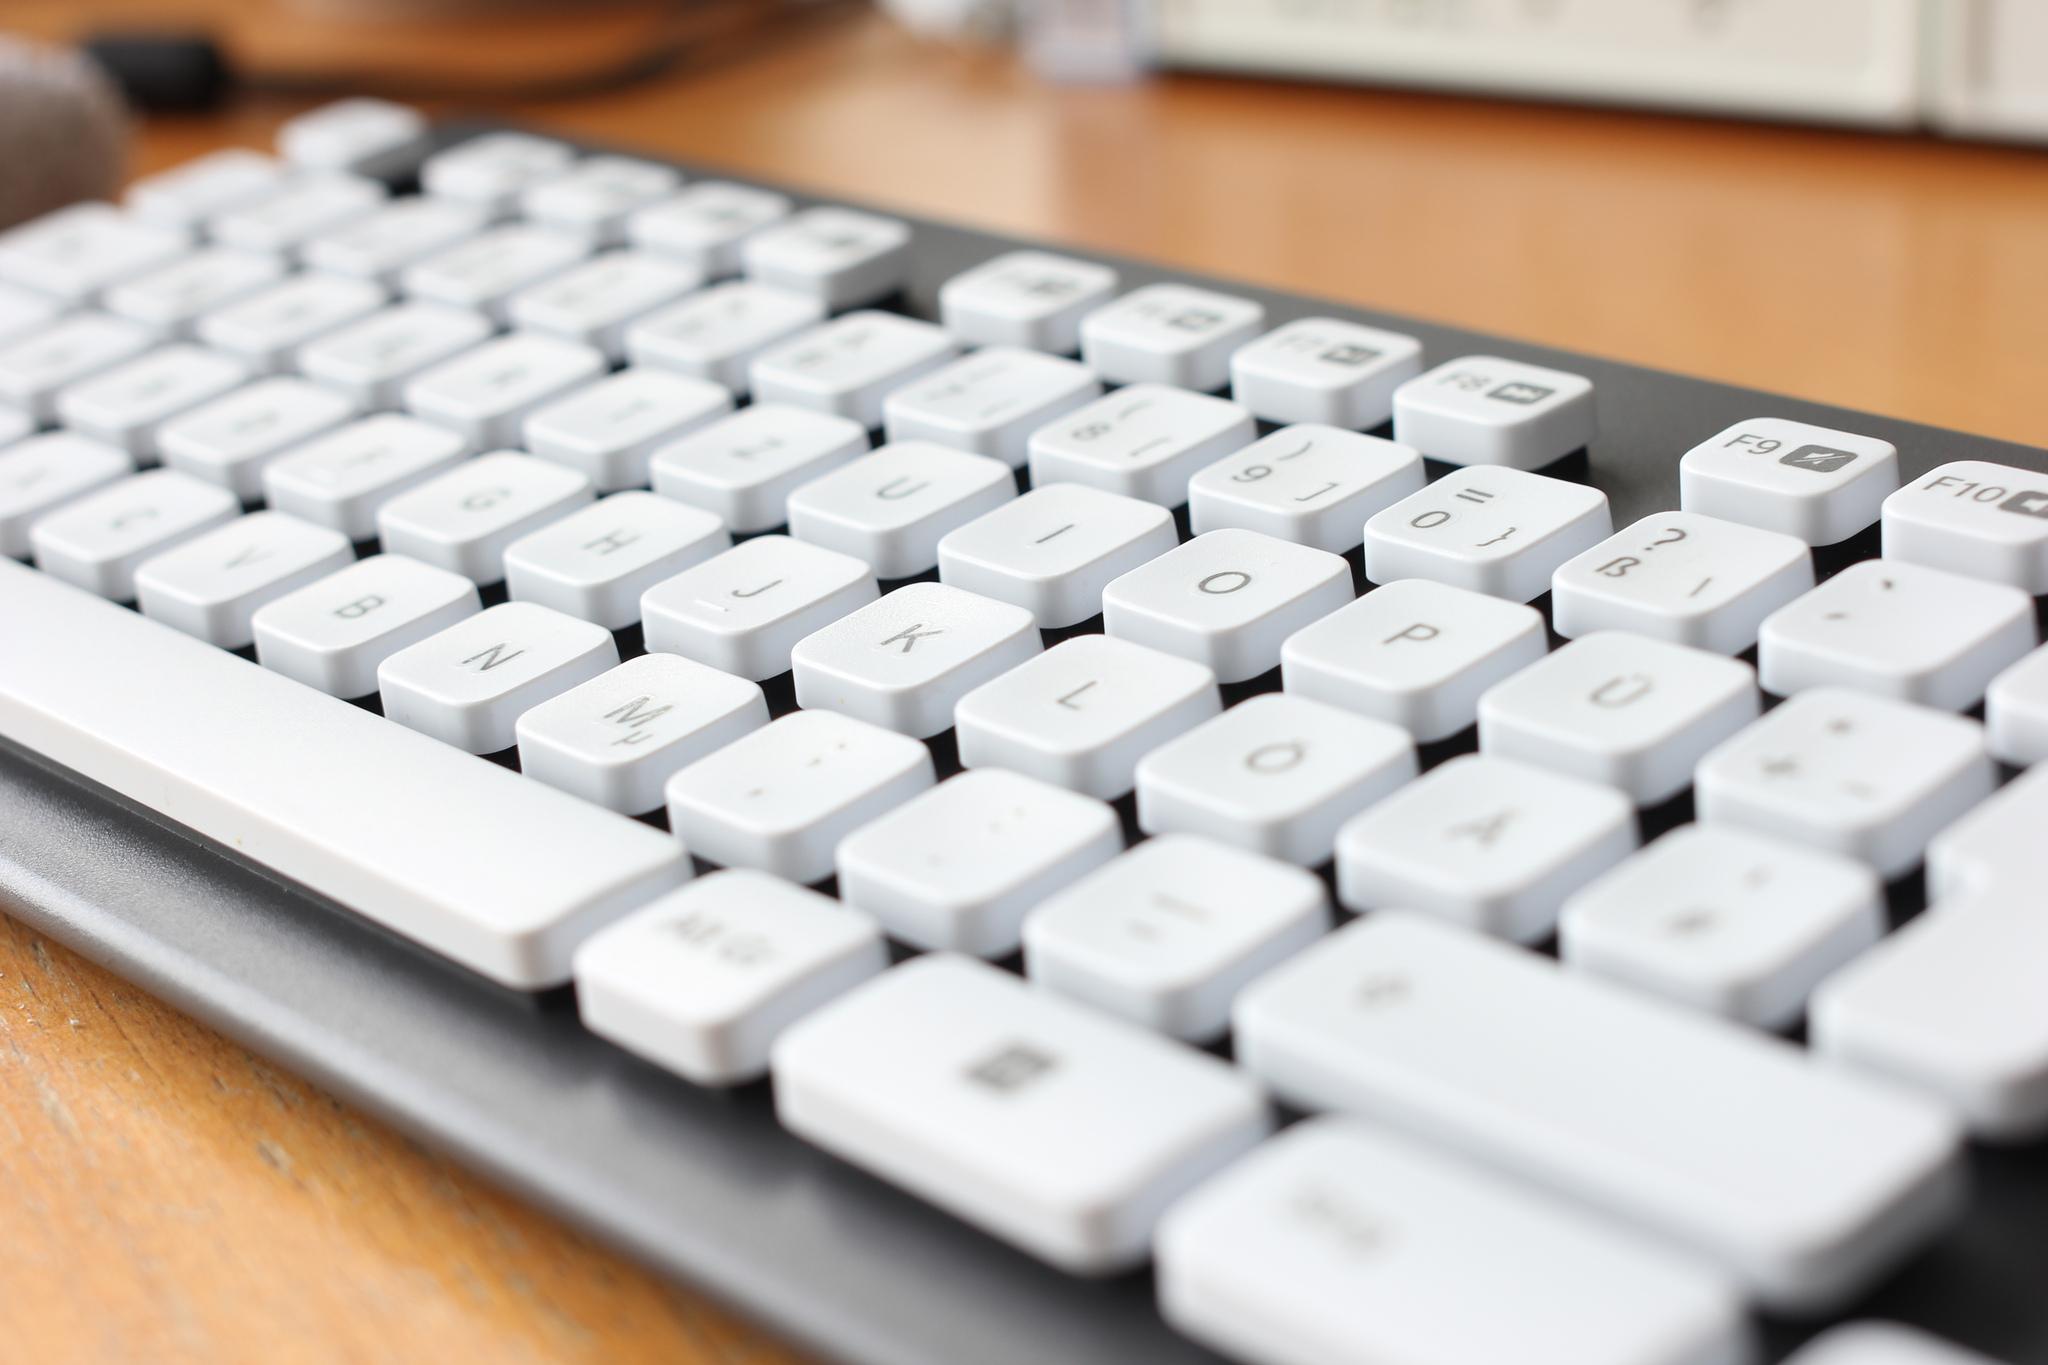 La tastiera che scrive i pensieri